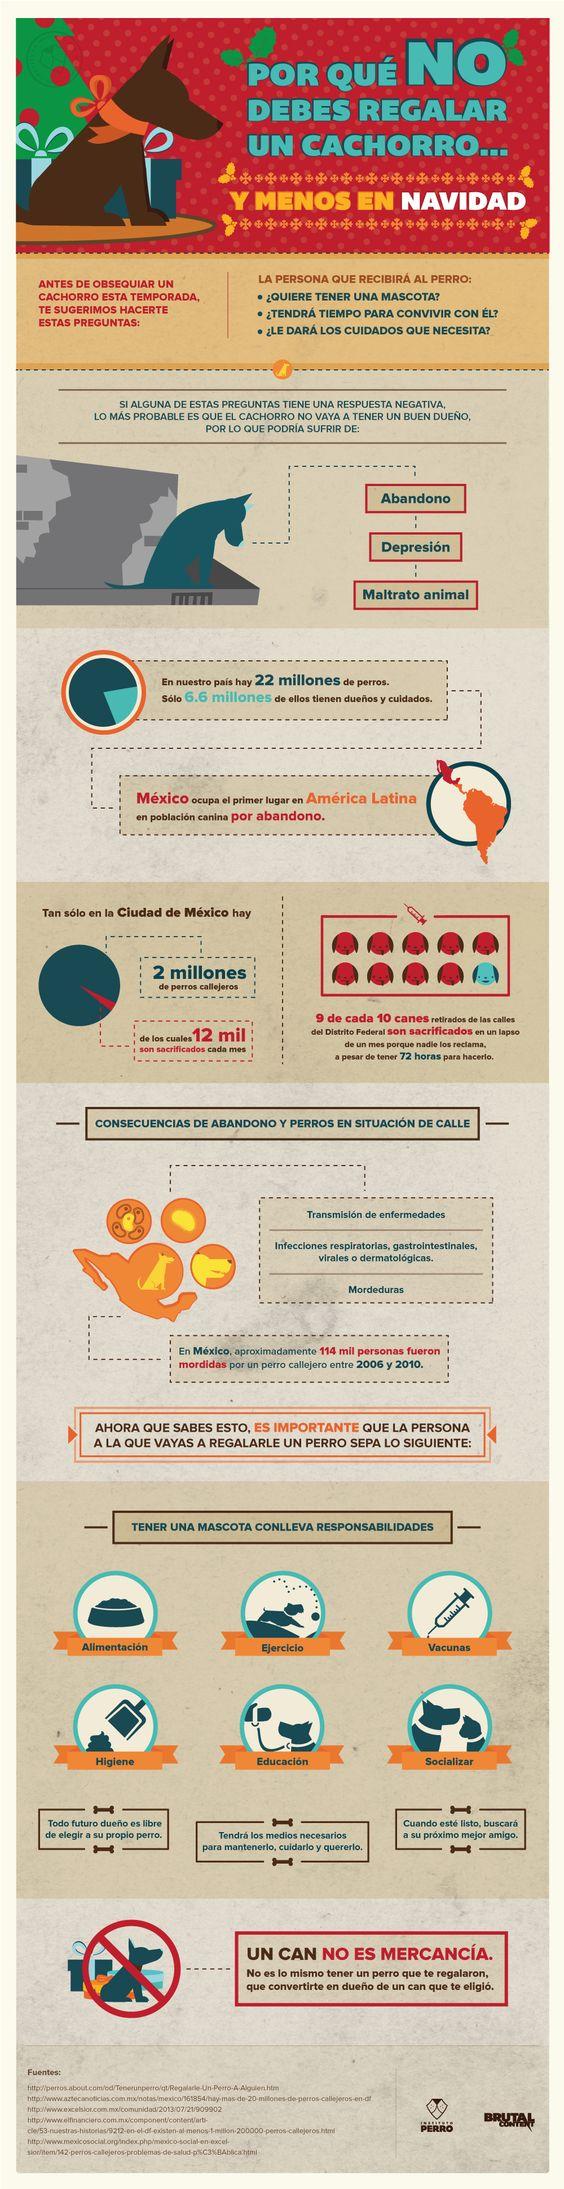 infografia navidad.jpg